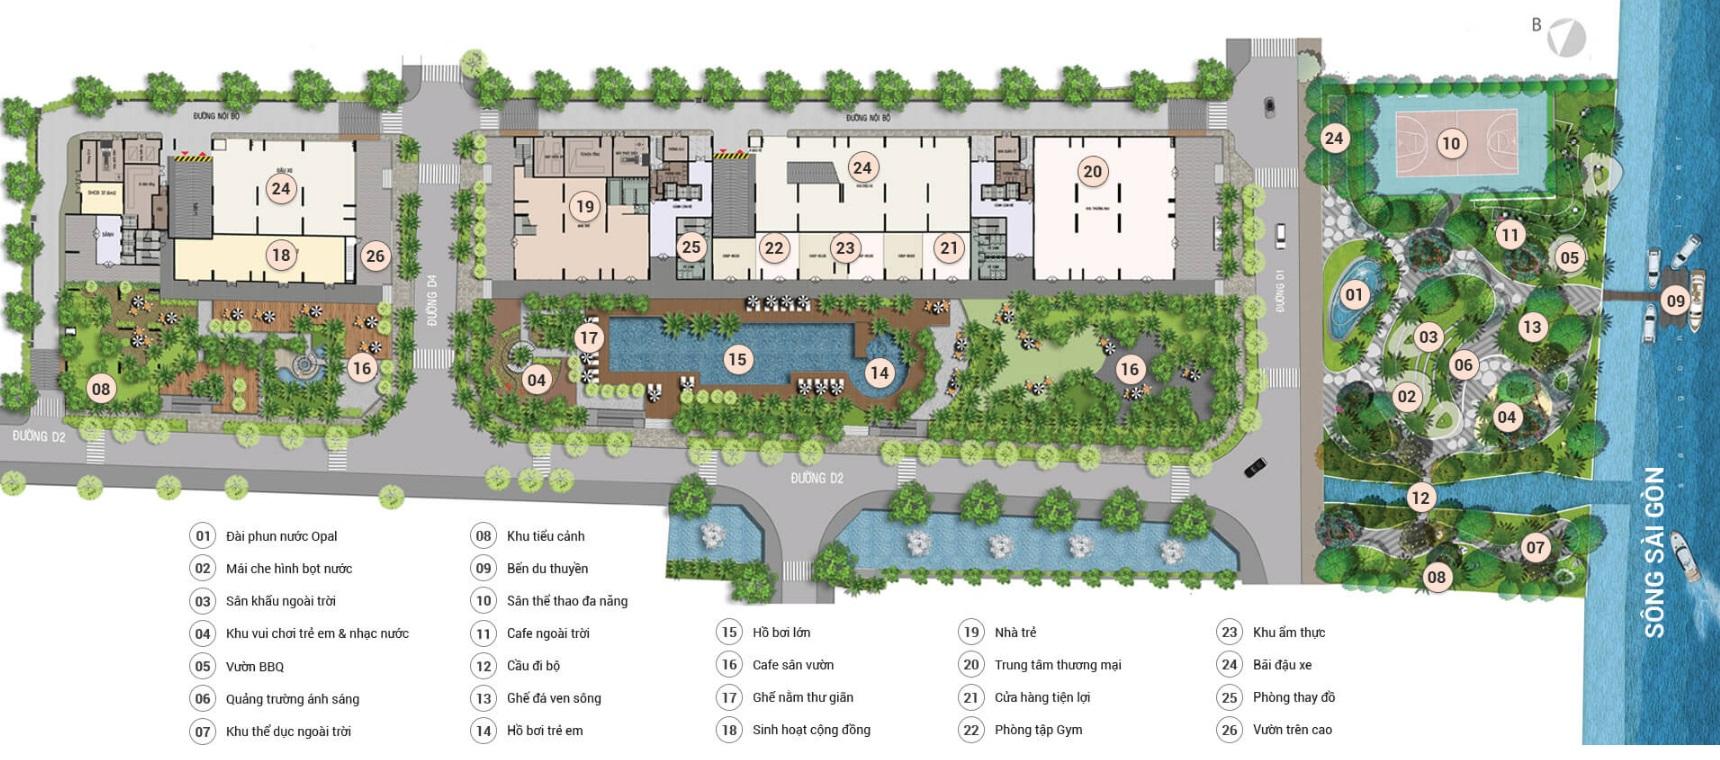 Căn hộ Opal Riverside cho thuê thay đổi diện mạo cho tỉnh thanh hóa